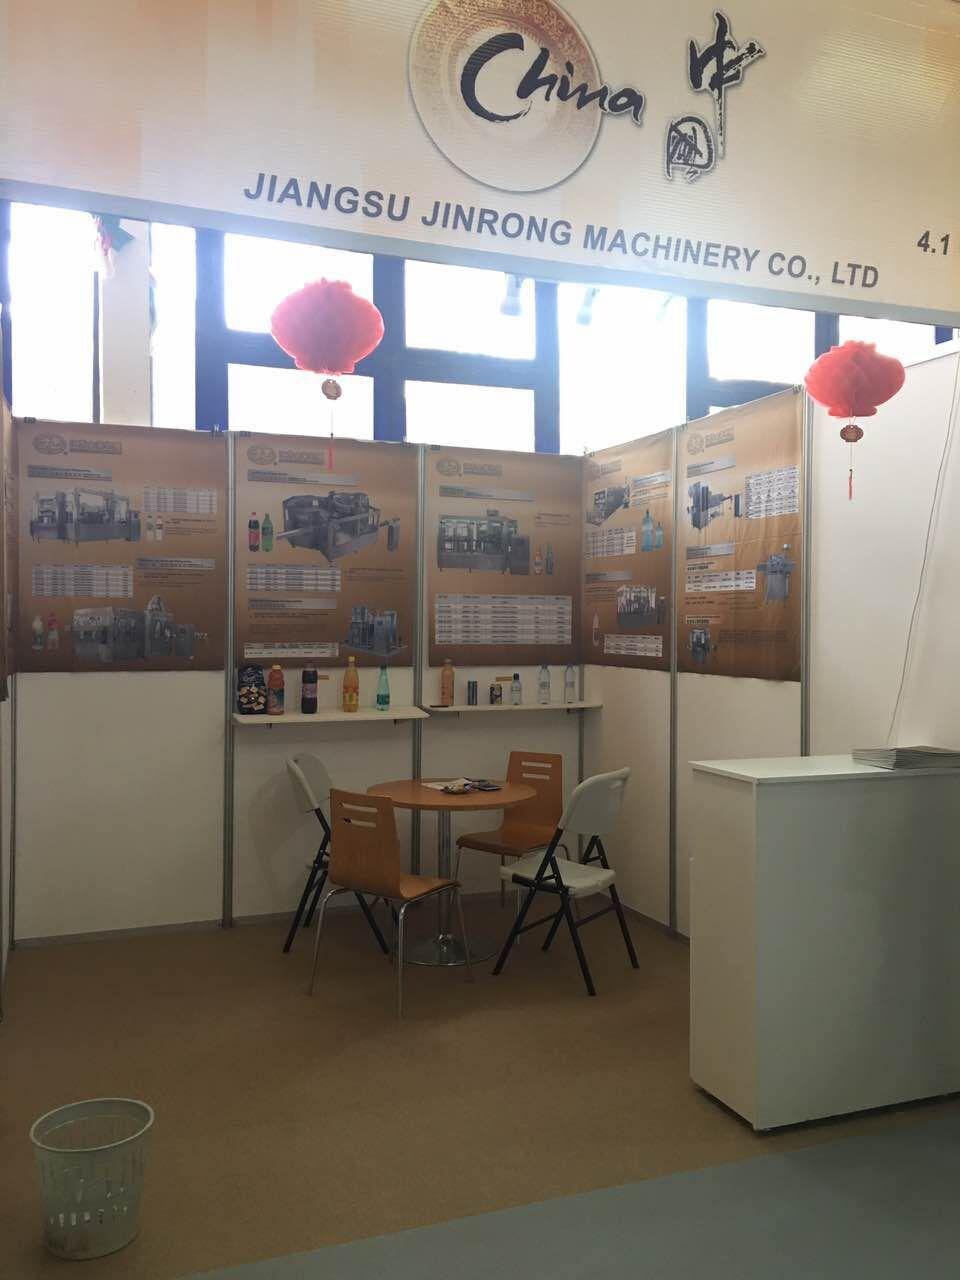 Algeria Exhibition 4.1C029